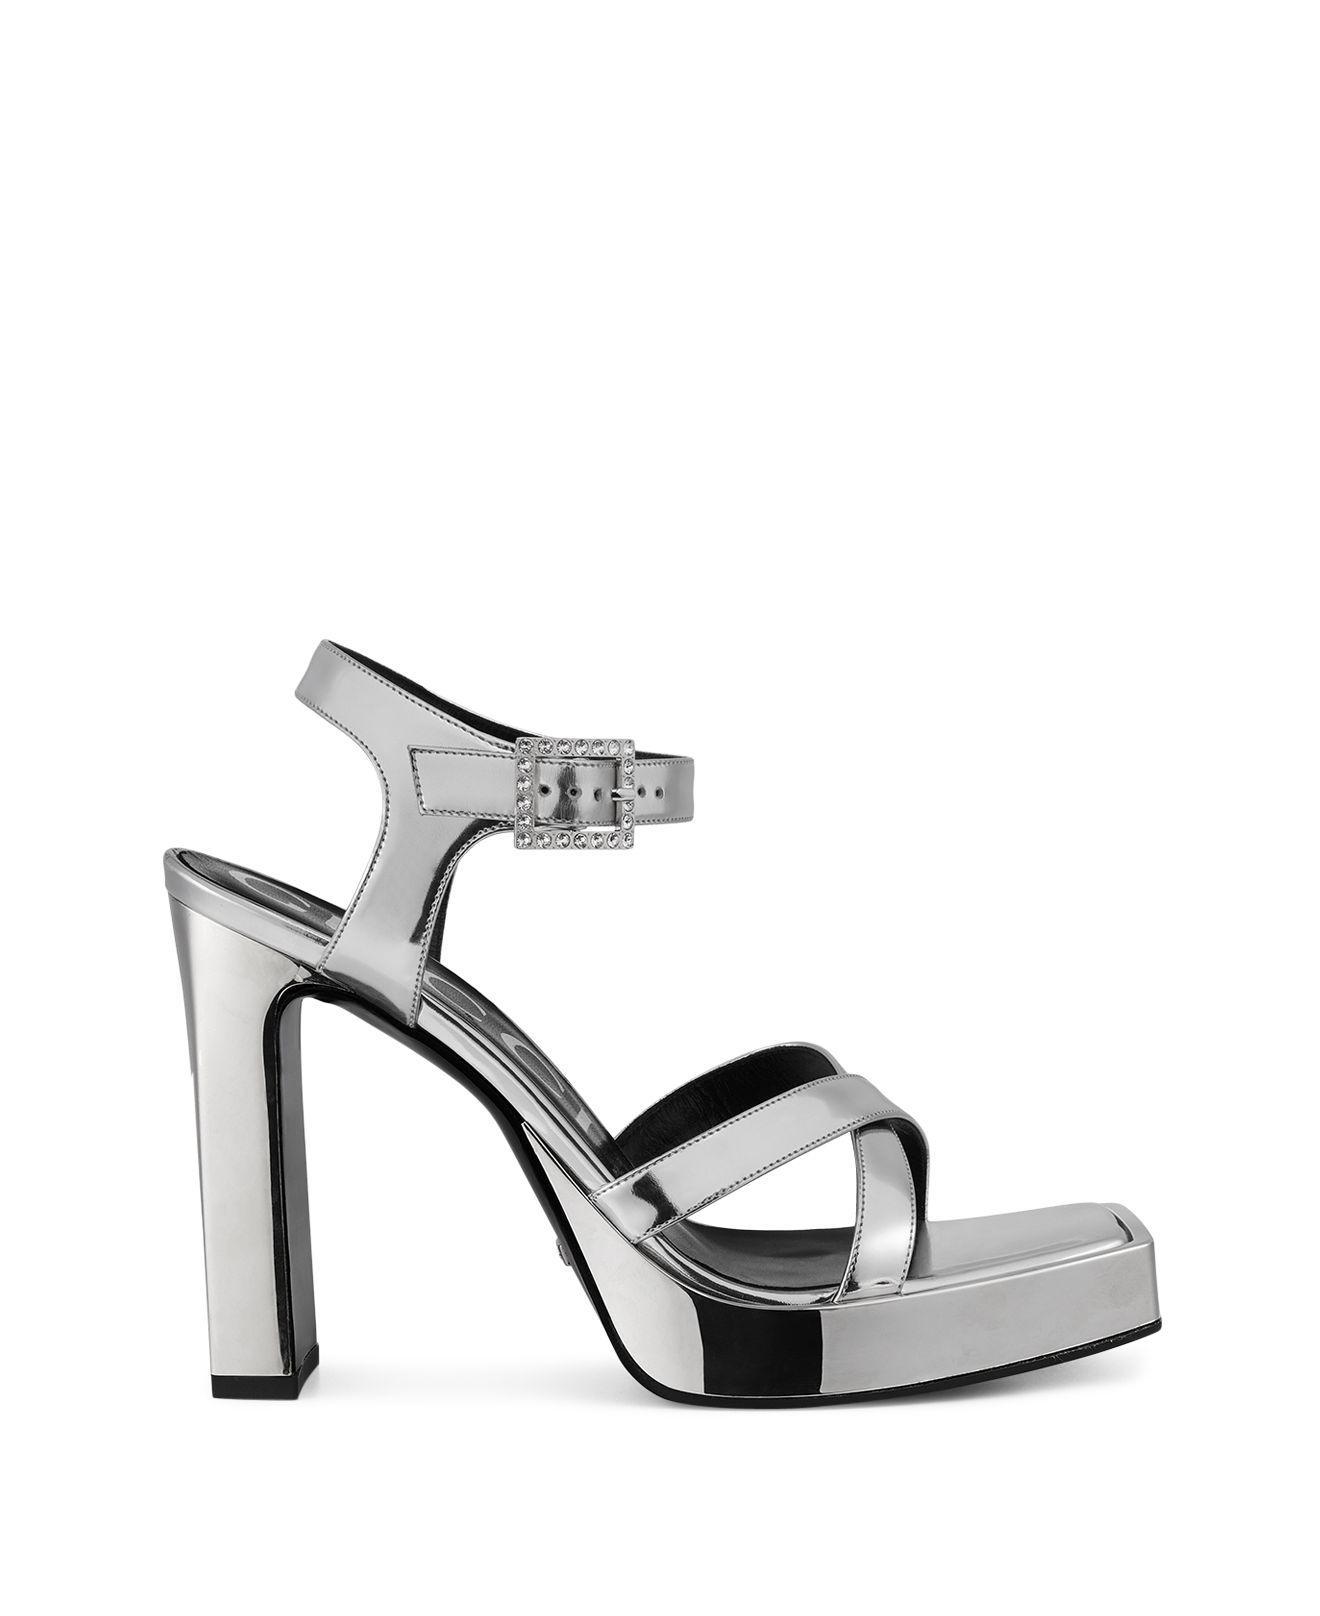 Sandales Plate-forme En Cuir Costanze Gucci lvKpEZiR